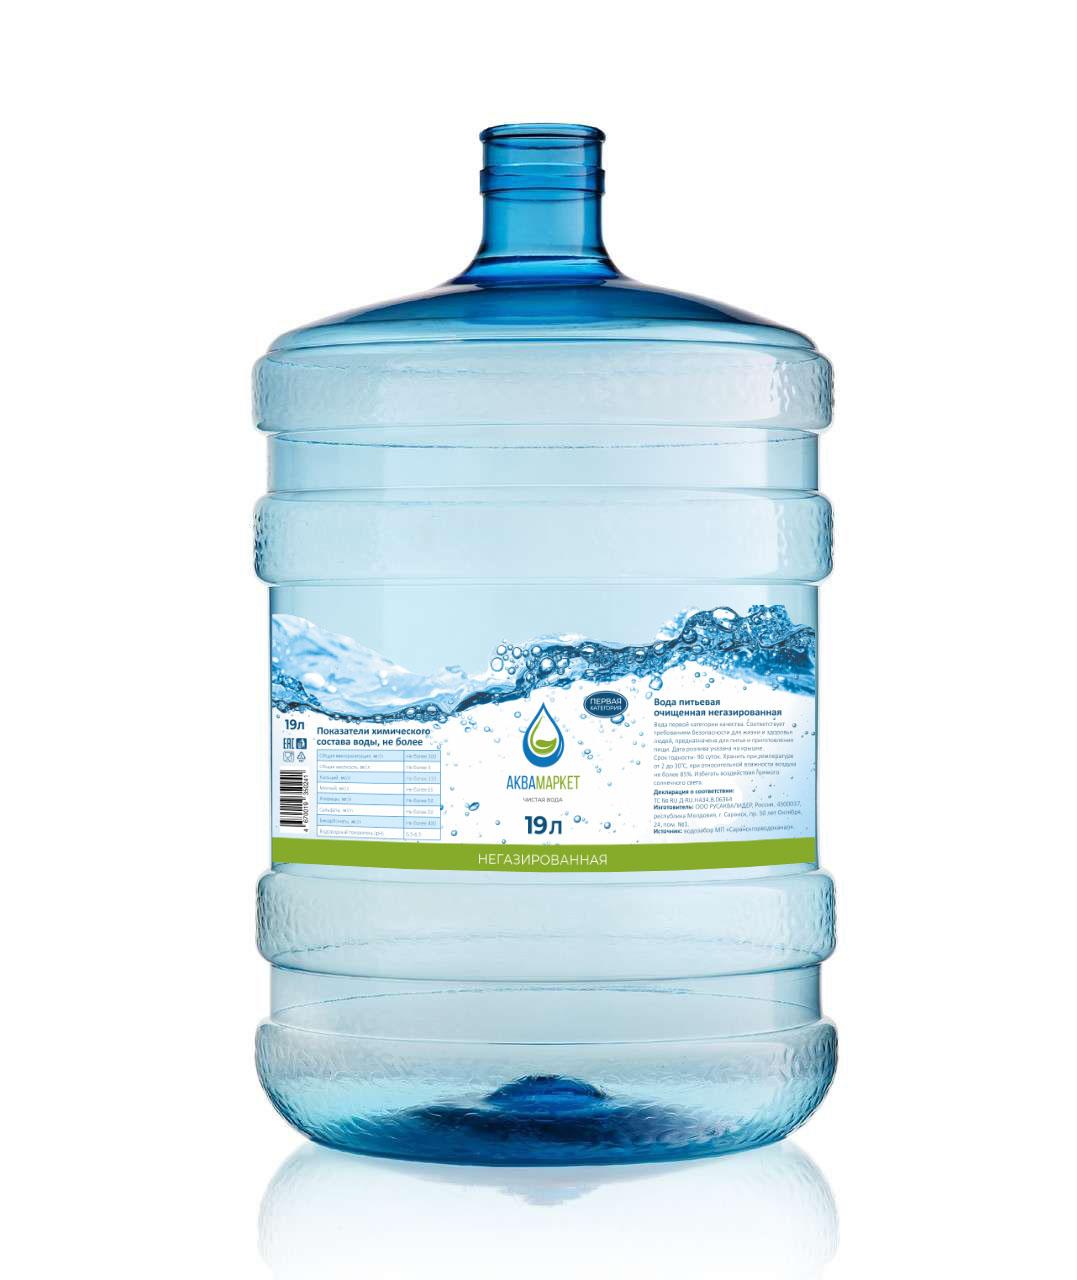 Разработка этикетки для питьевой воды в 19 литровых бутылях фото f_4315effe716c358d.jpg